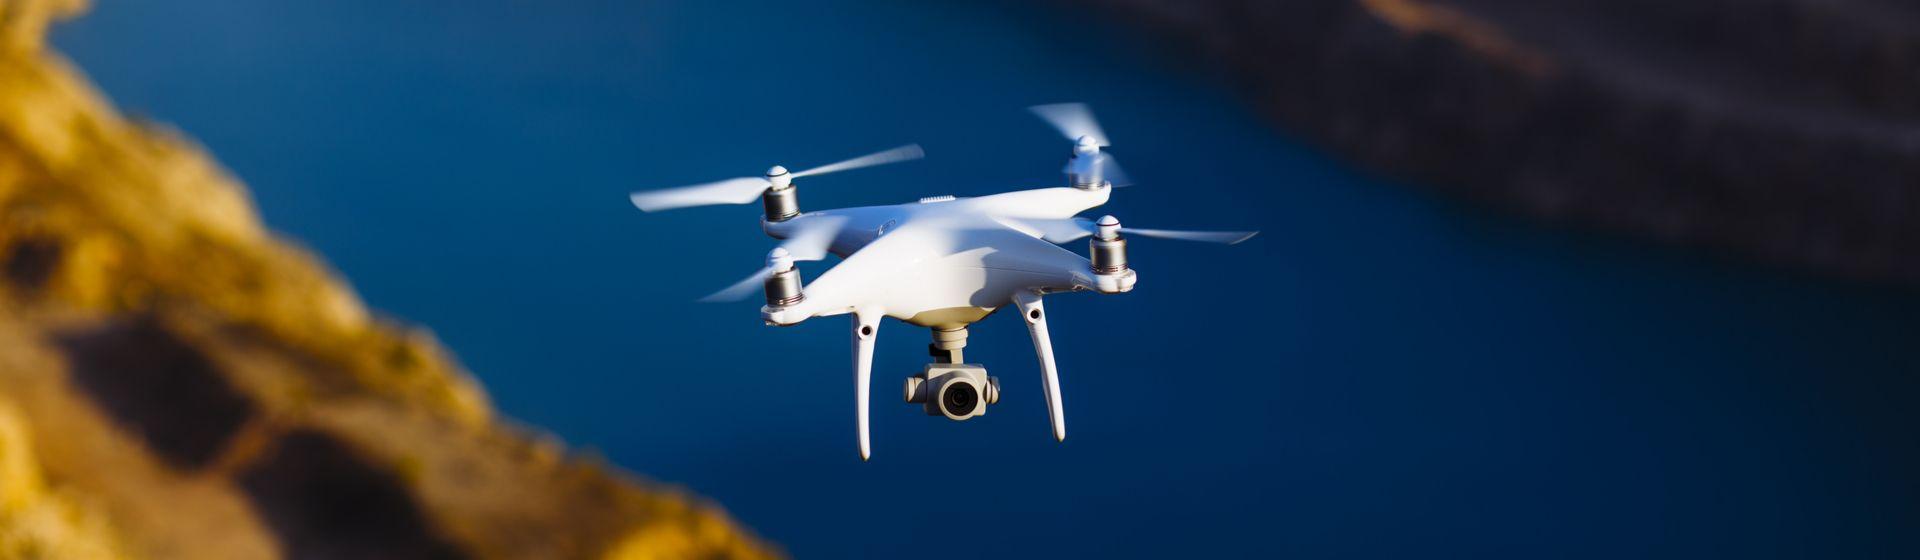 Melhor drone: veja opções para comprar em 2021